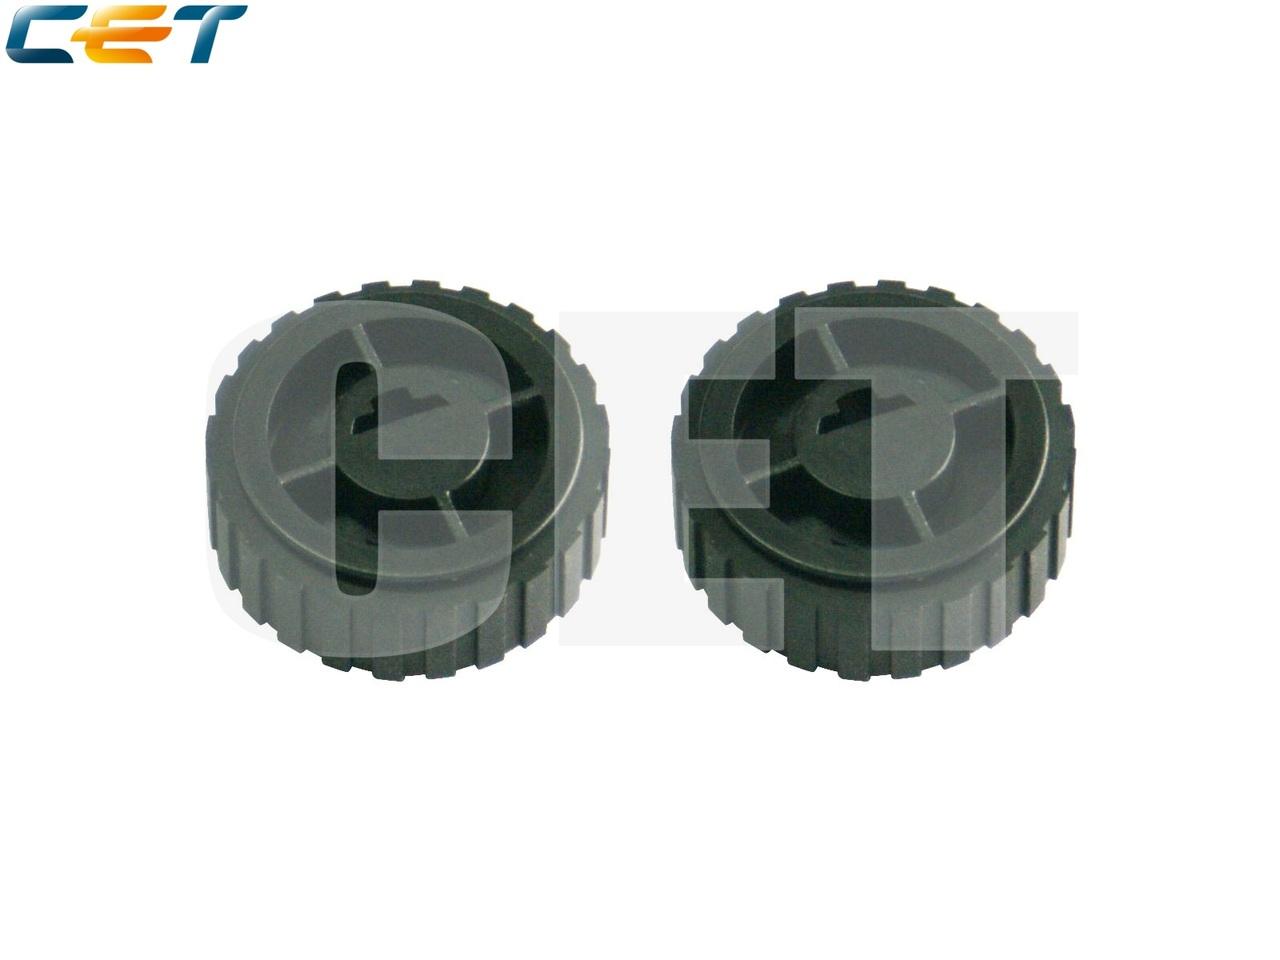 Ролики подачи правые 40X5451-black для LEXMARKE260D/E260DN/E360D/E360DN/E460N/E460DN (CET), 2шт/компл, CET3751